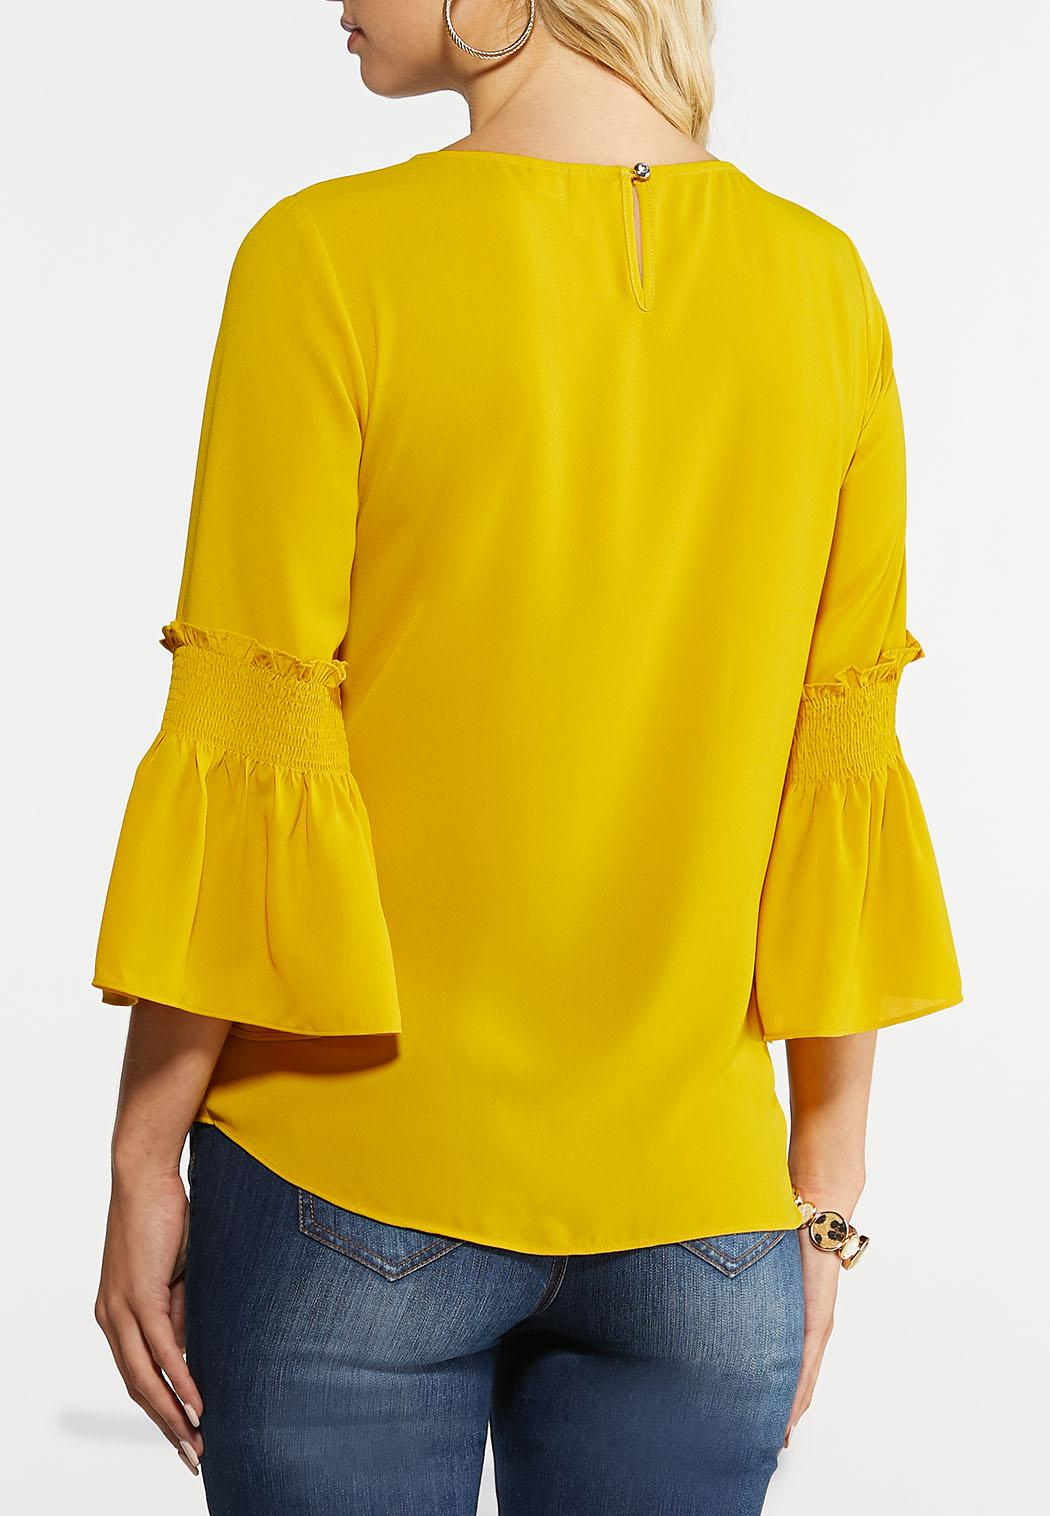 Smocked Bell Sleeve Top (Item #43982438)